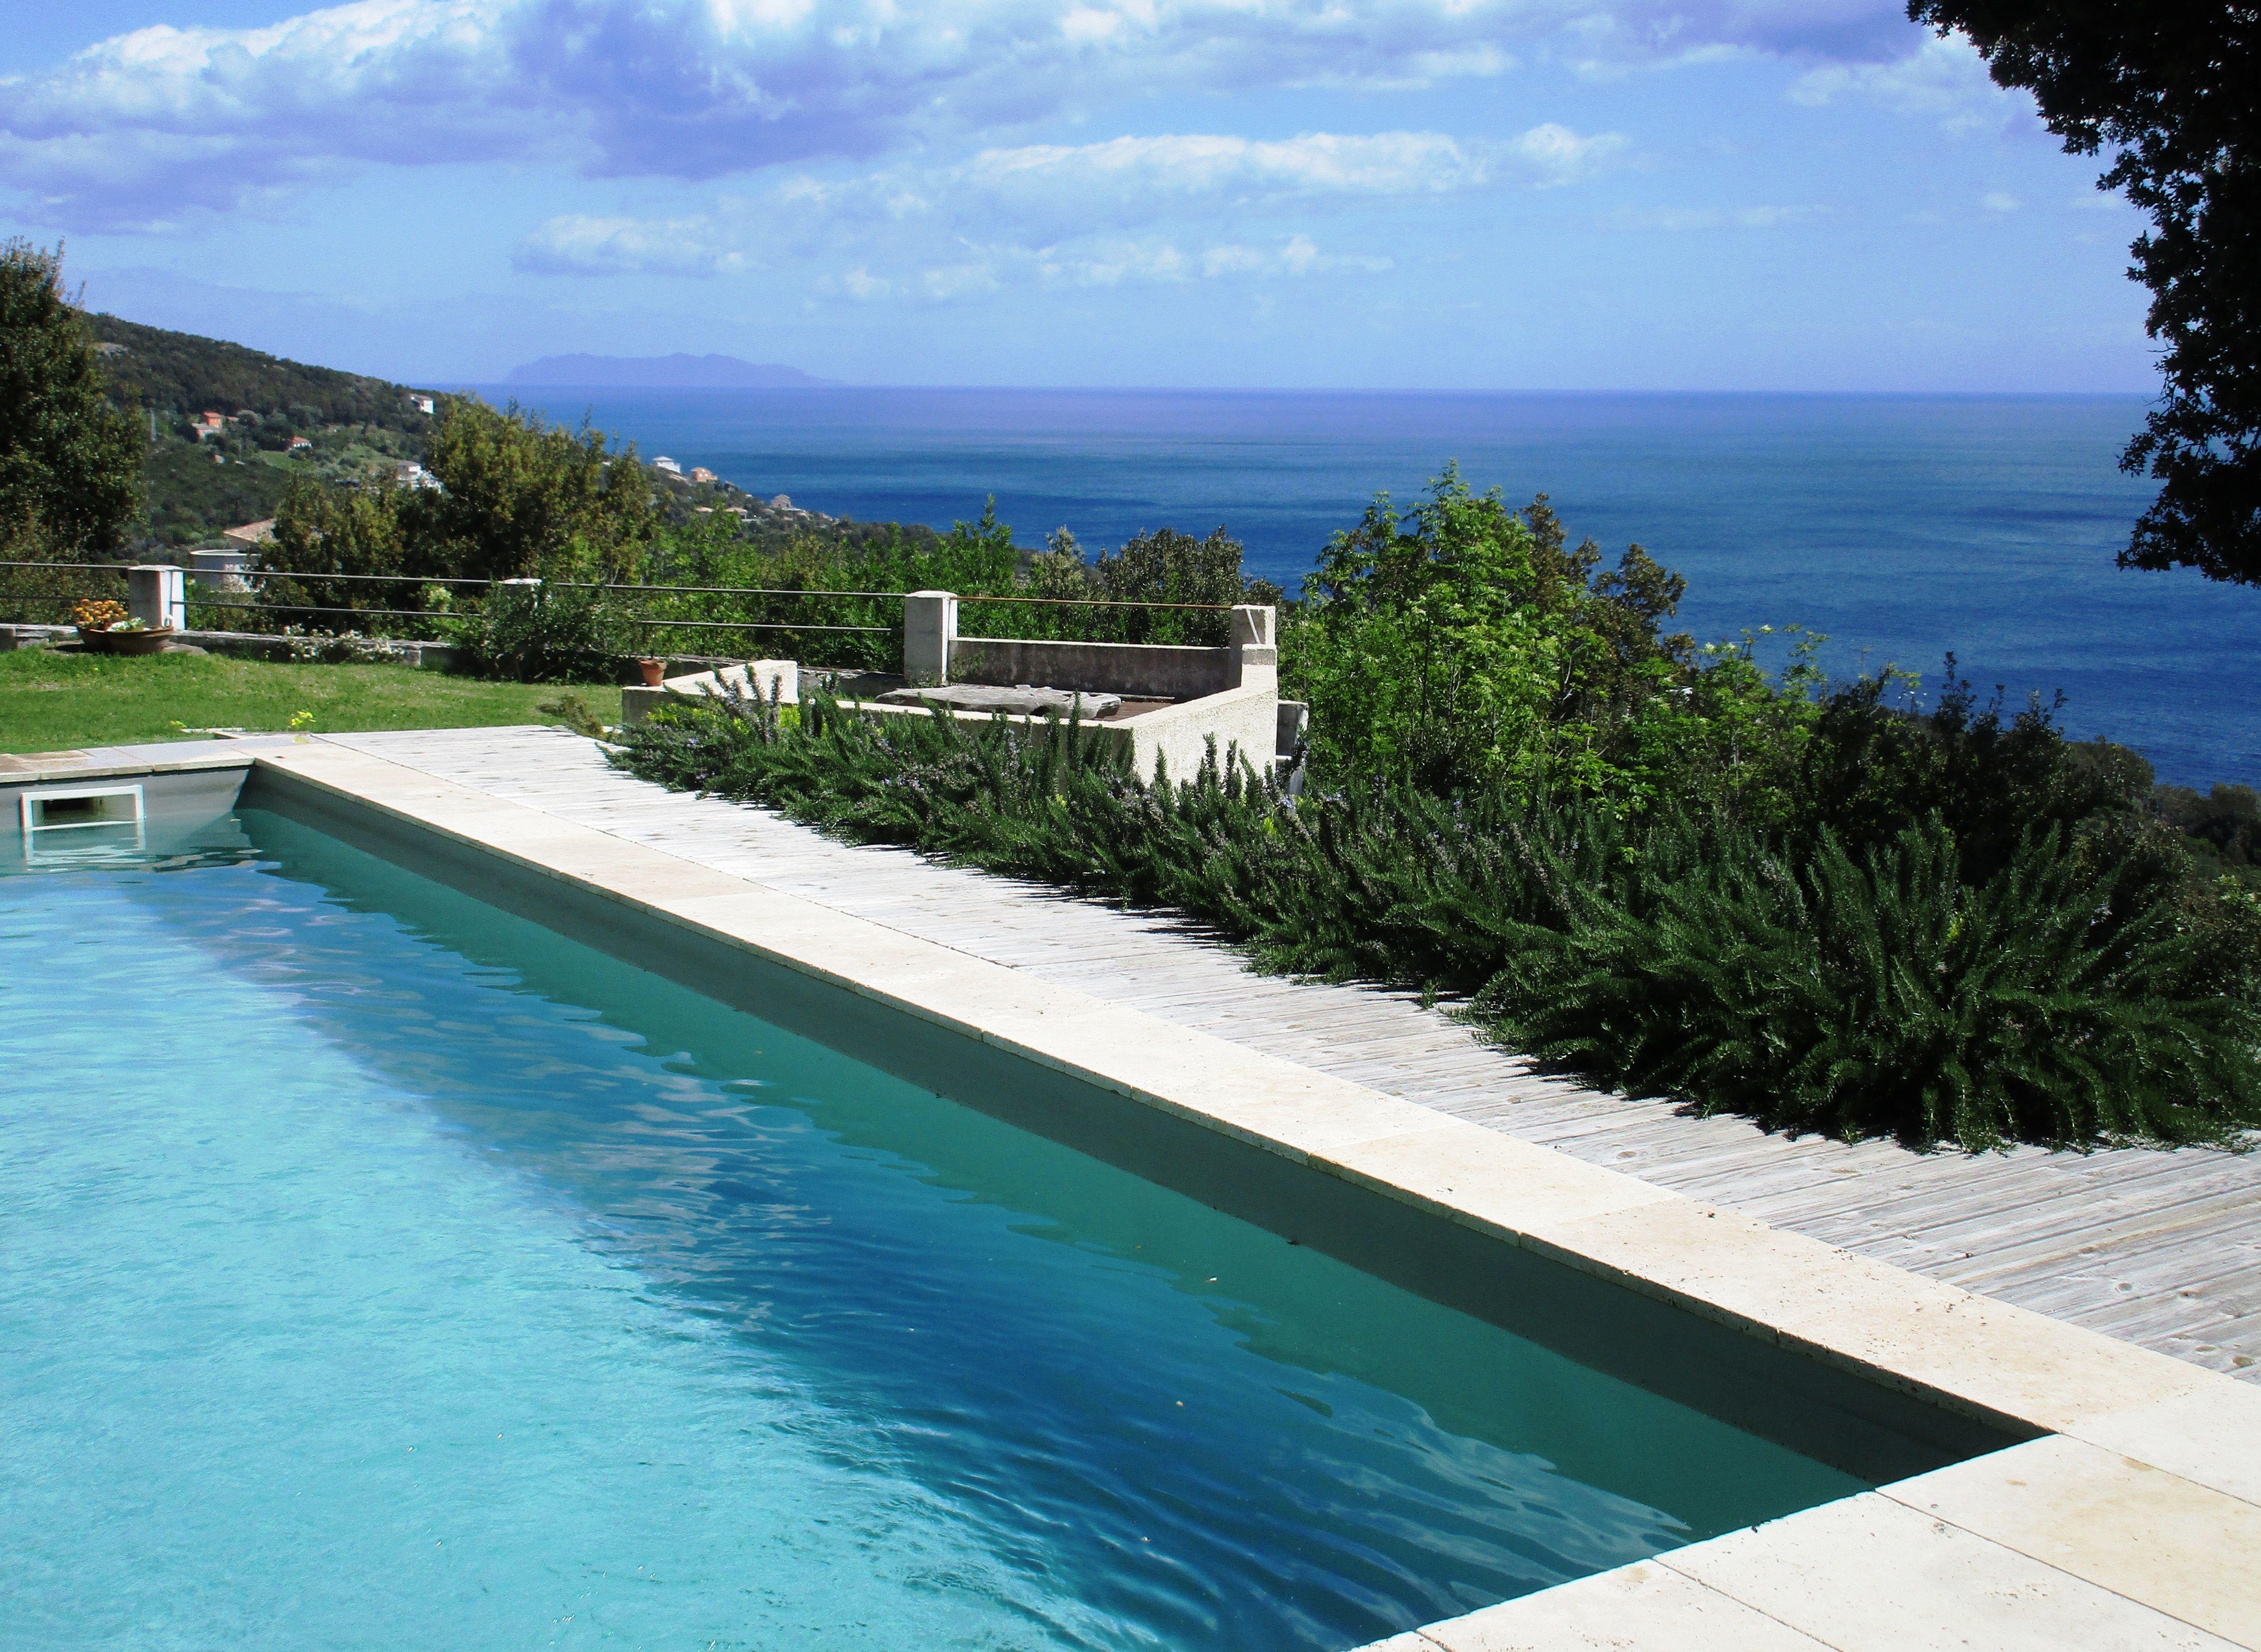 Vue Piscine Villa Elisabeth Maison D Hotes Erbalunga Cap Corse Maison D Hotes Maison Villa